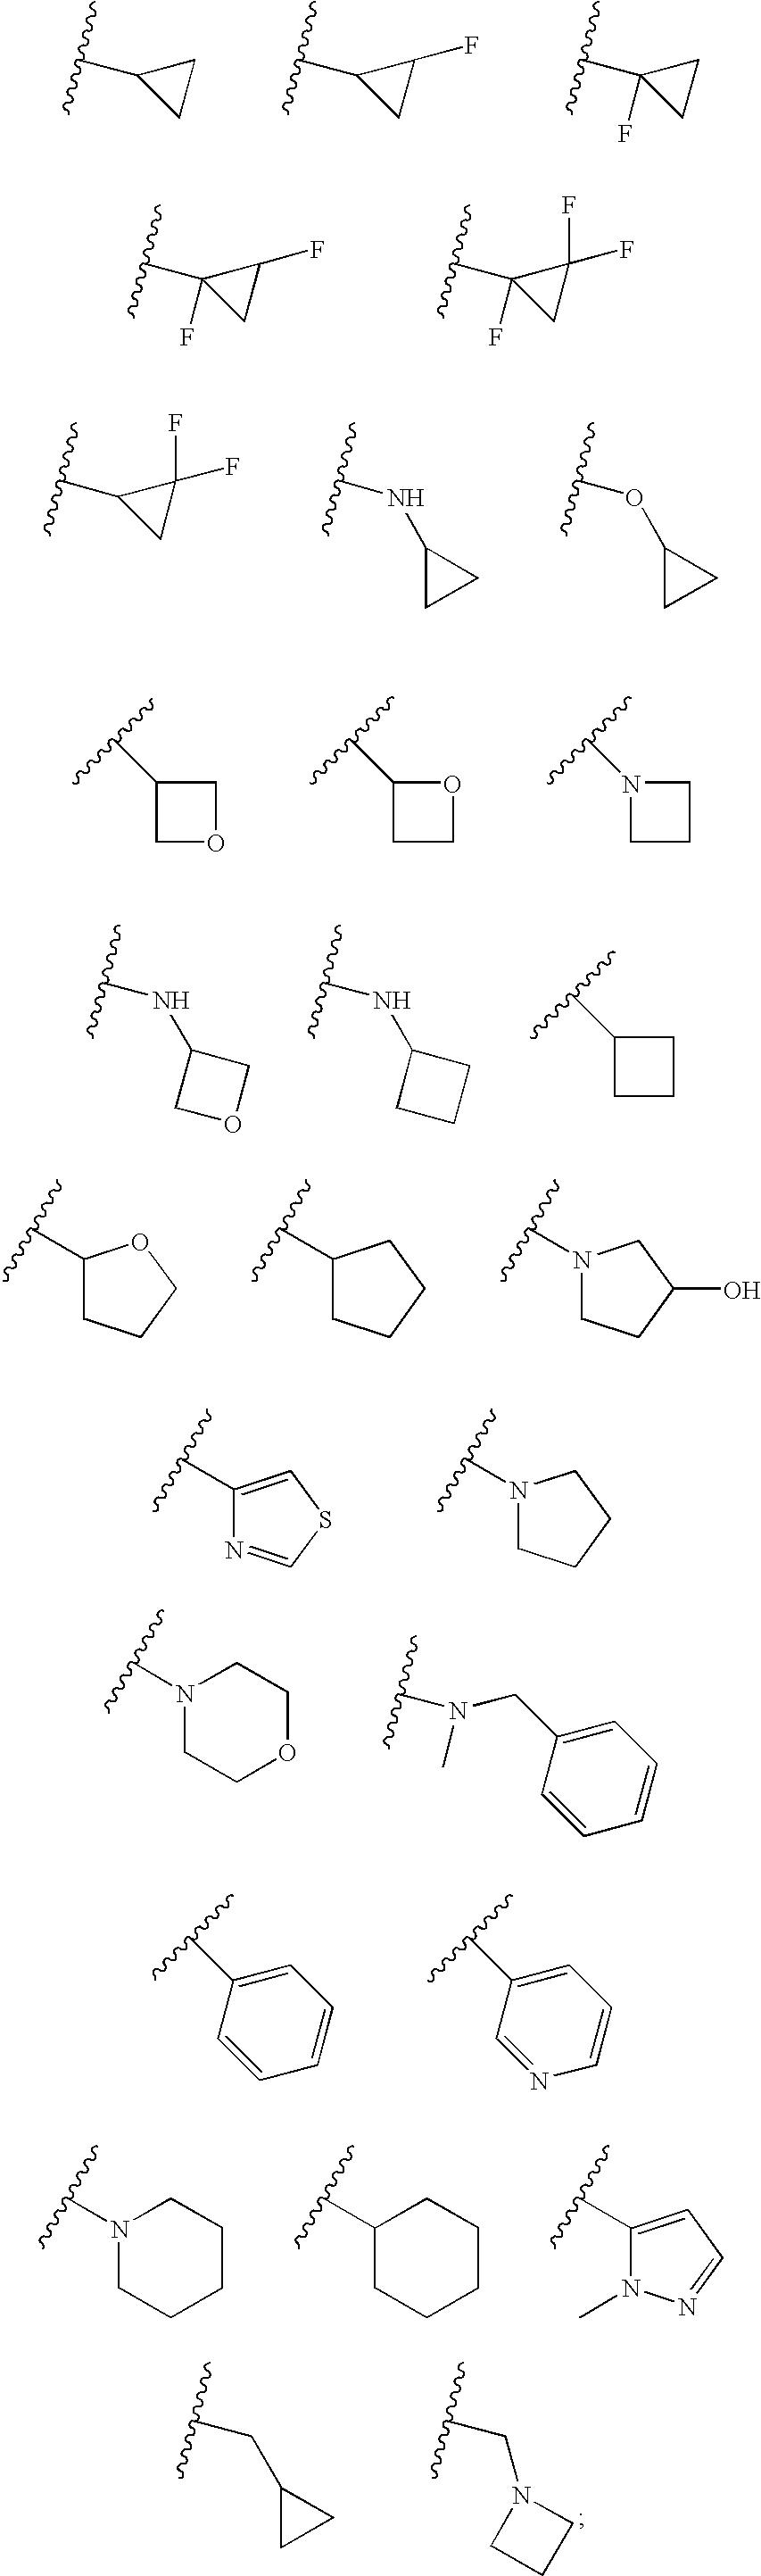 Figure US08173650-20120508-C00033